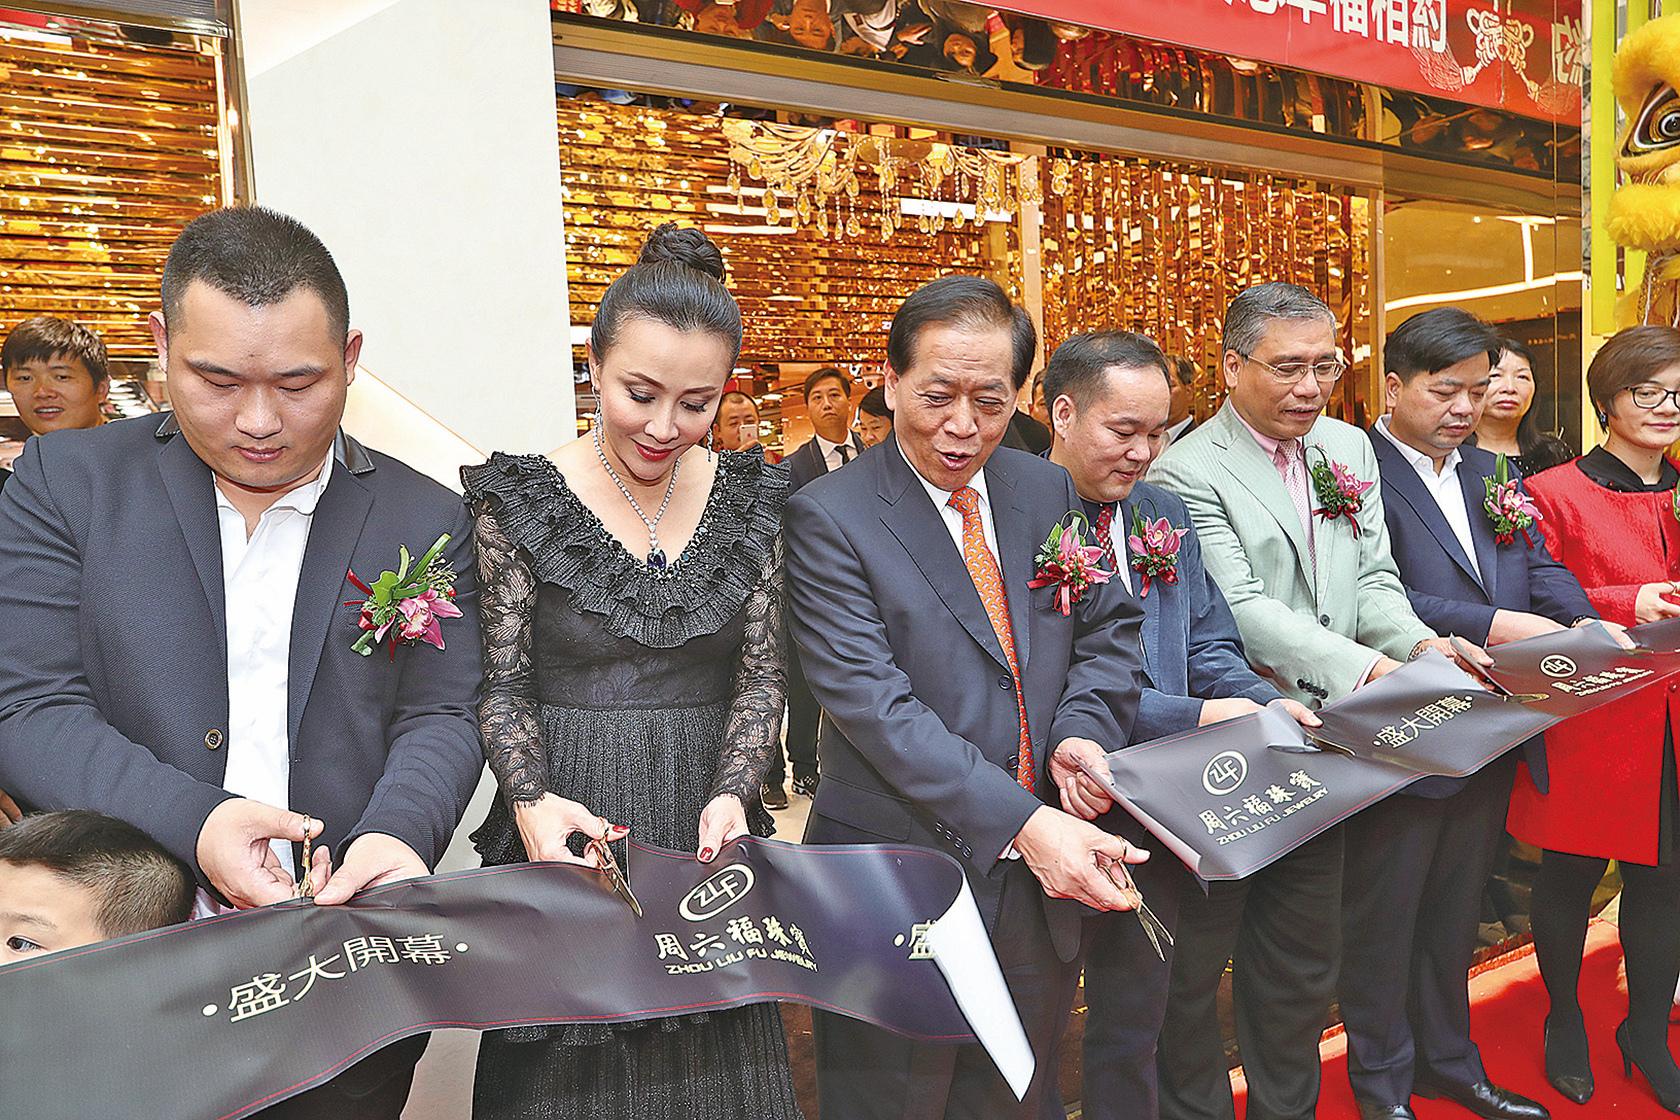 周六福珠寶金行10日正式開業,藝人劉嘉玲(左2)到場做剪綵儀式嘉賓。(余鋼/大紀元)